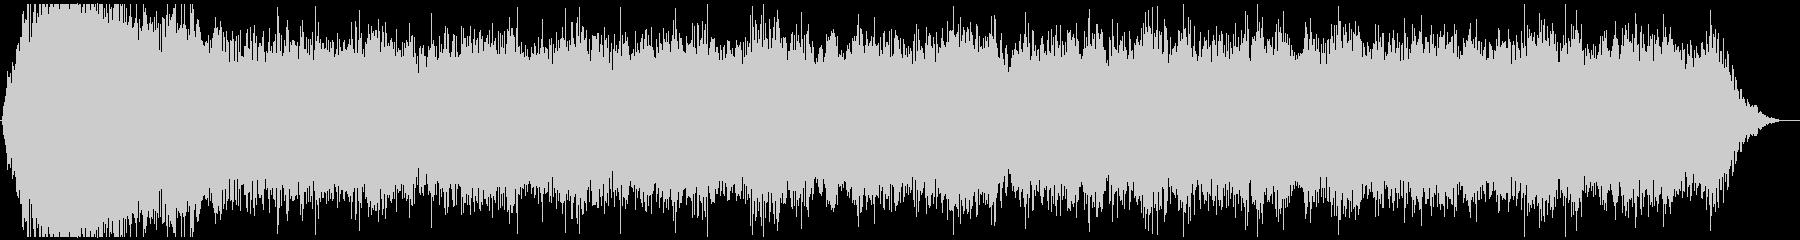 ドローン M ノイズ01の未再生の波形